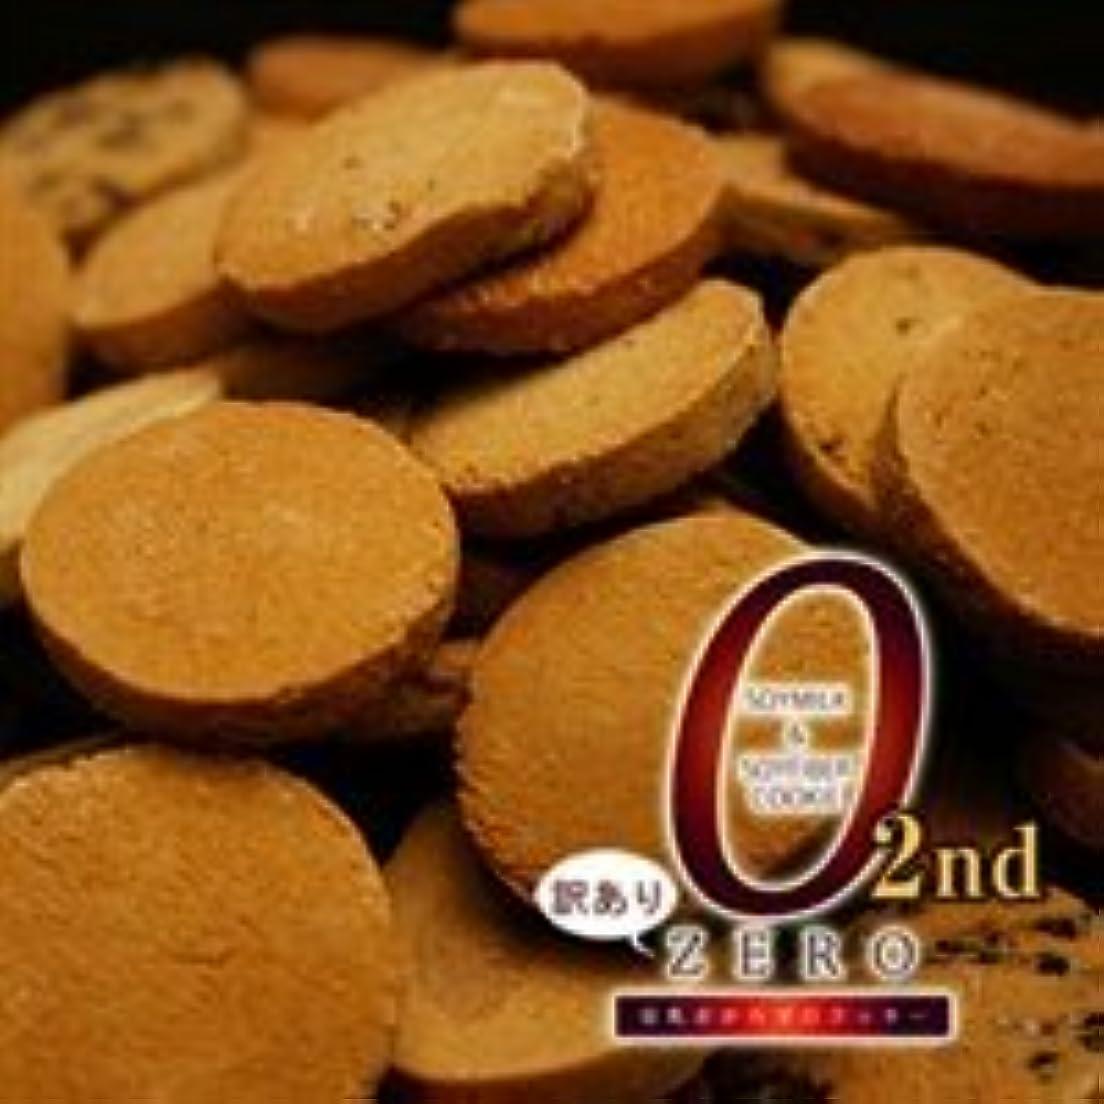 習慣面積フローティング蒲屋忠兵衛商店 訳あり豆乳おからゼロクッキー 2nd 1kg(250g×4袋)